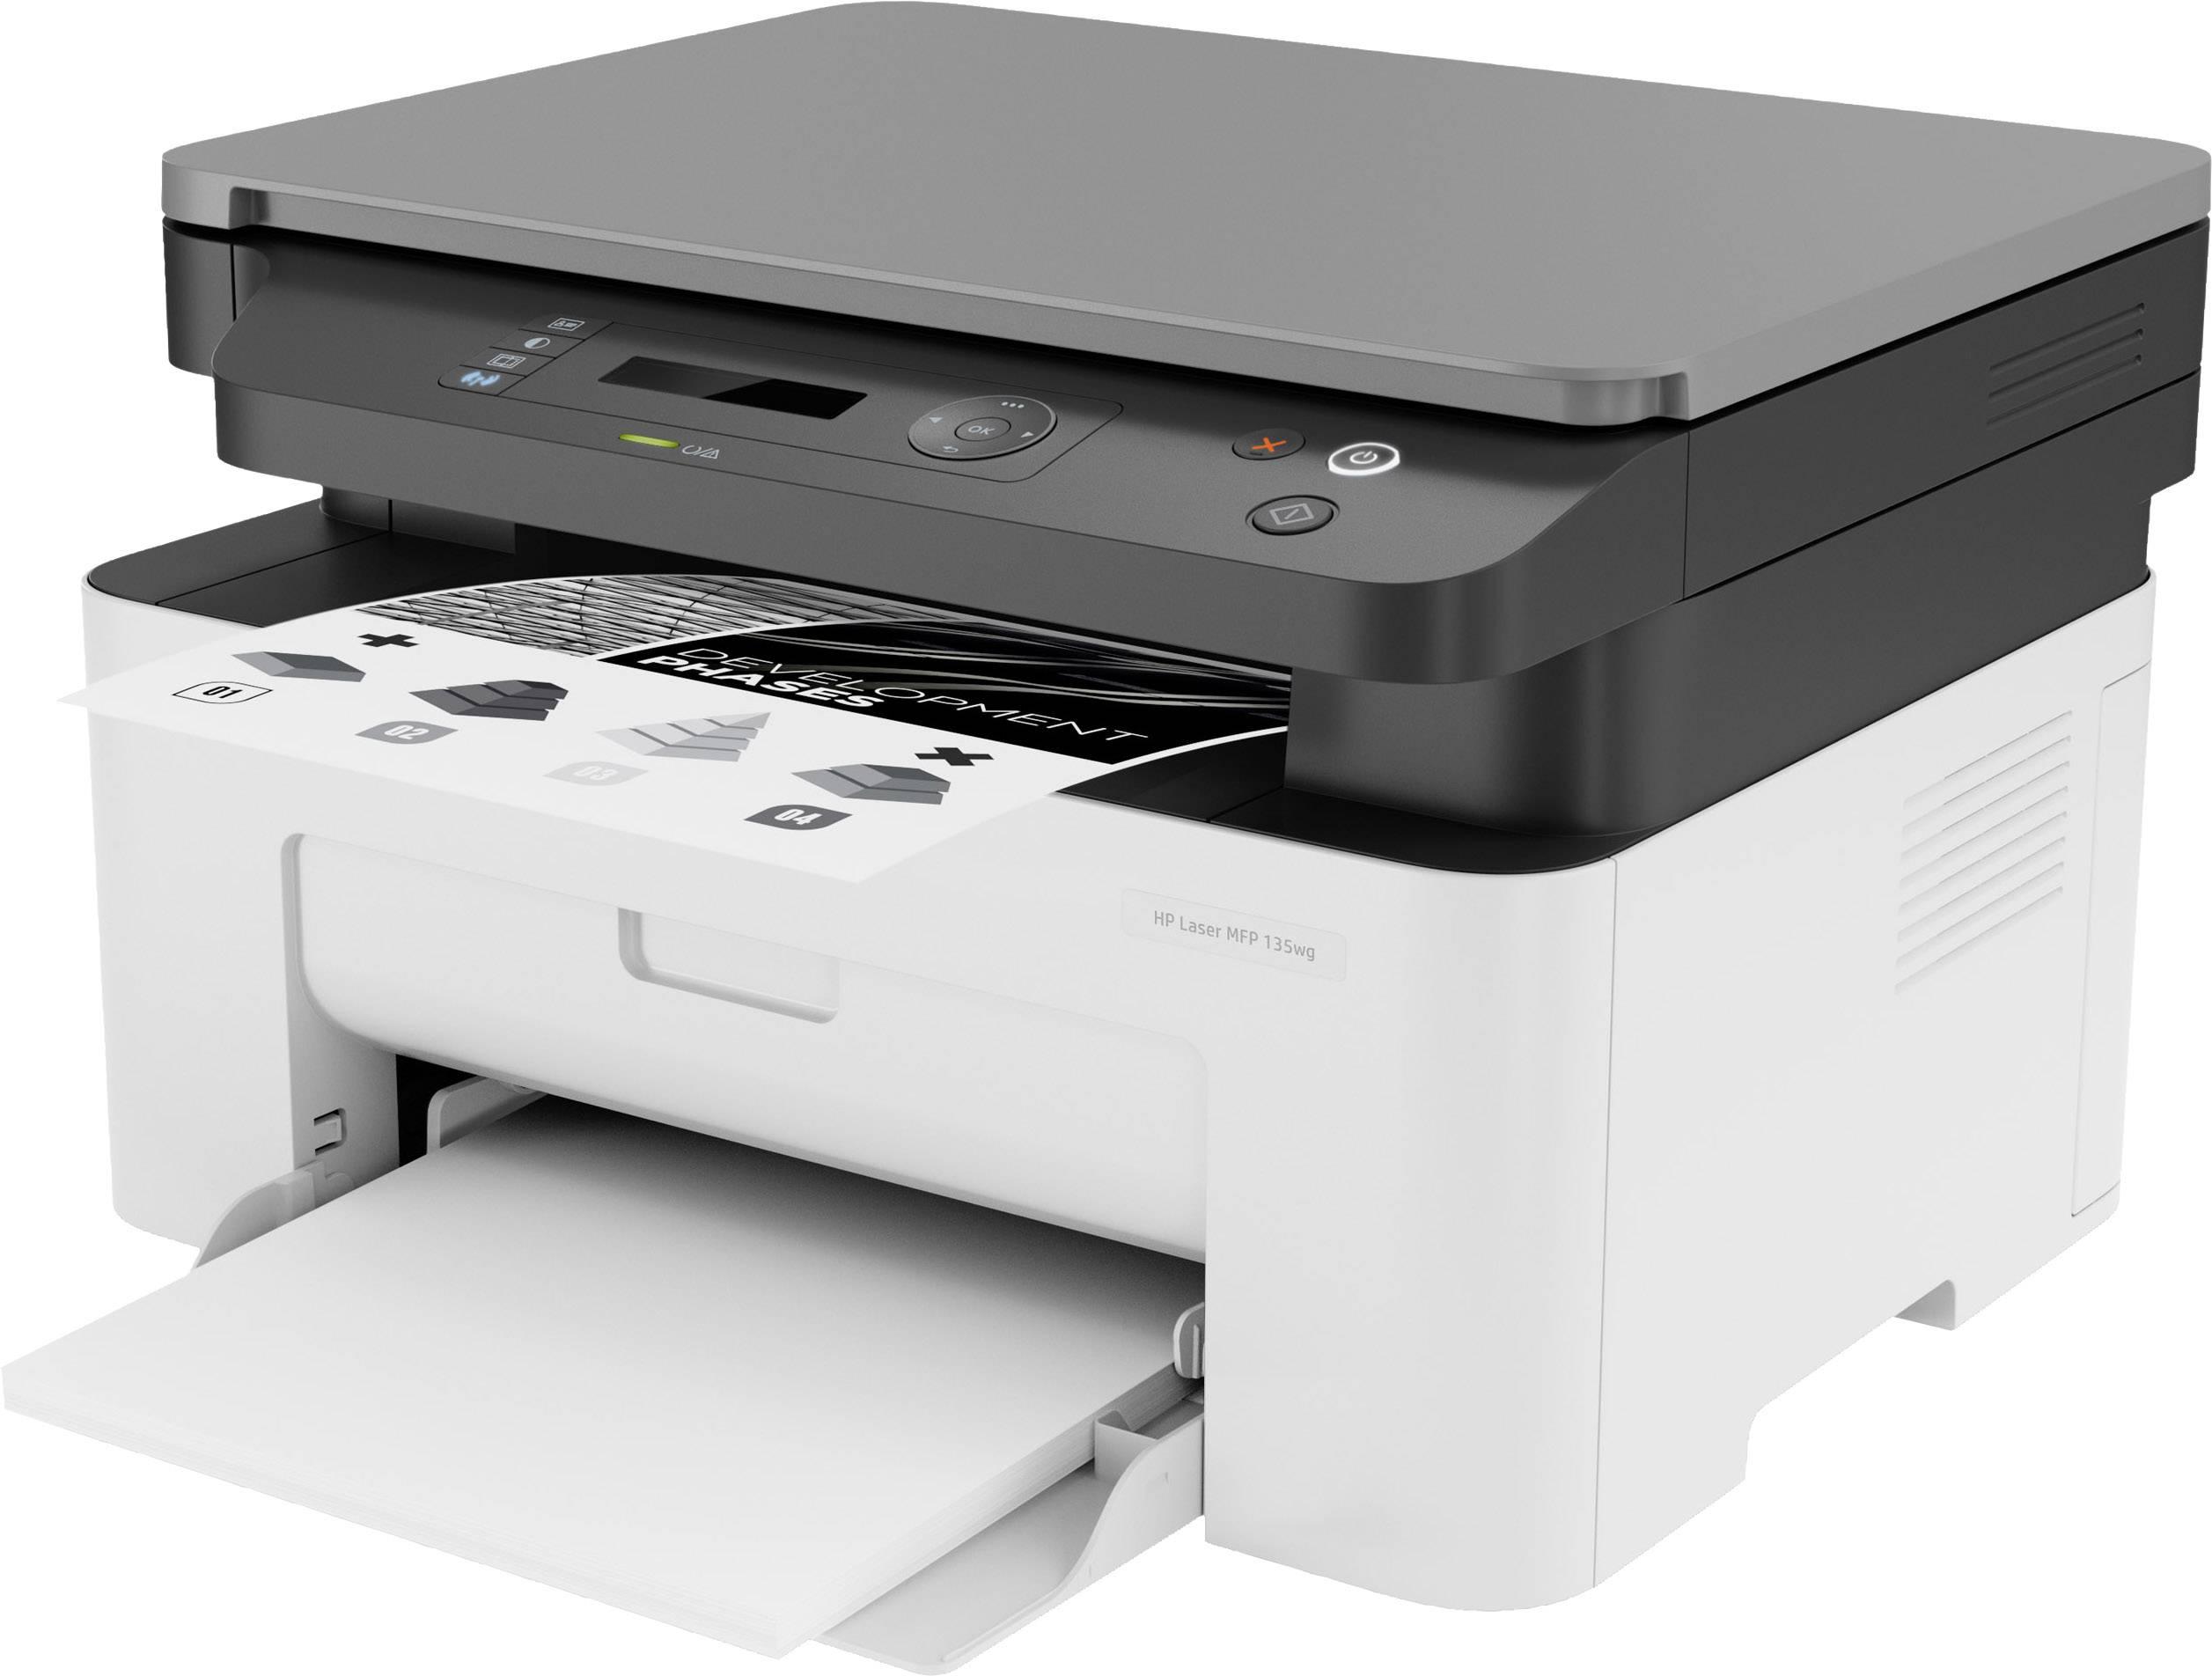 Schwarzwei/ß Drucker, Scanner, Kopierer, Fax, LAN, Airprint HP LaserJet Pro M227fdn Laserdrucker Multifunktionsger/ät wei/ß